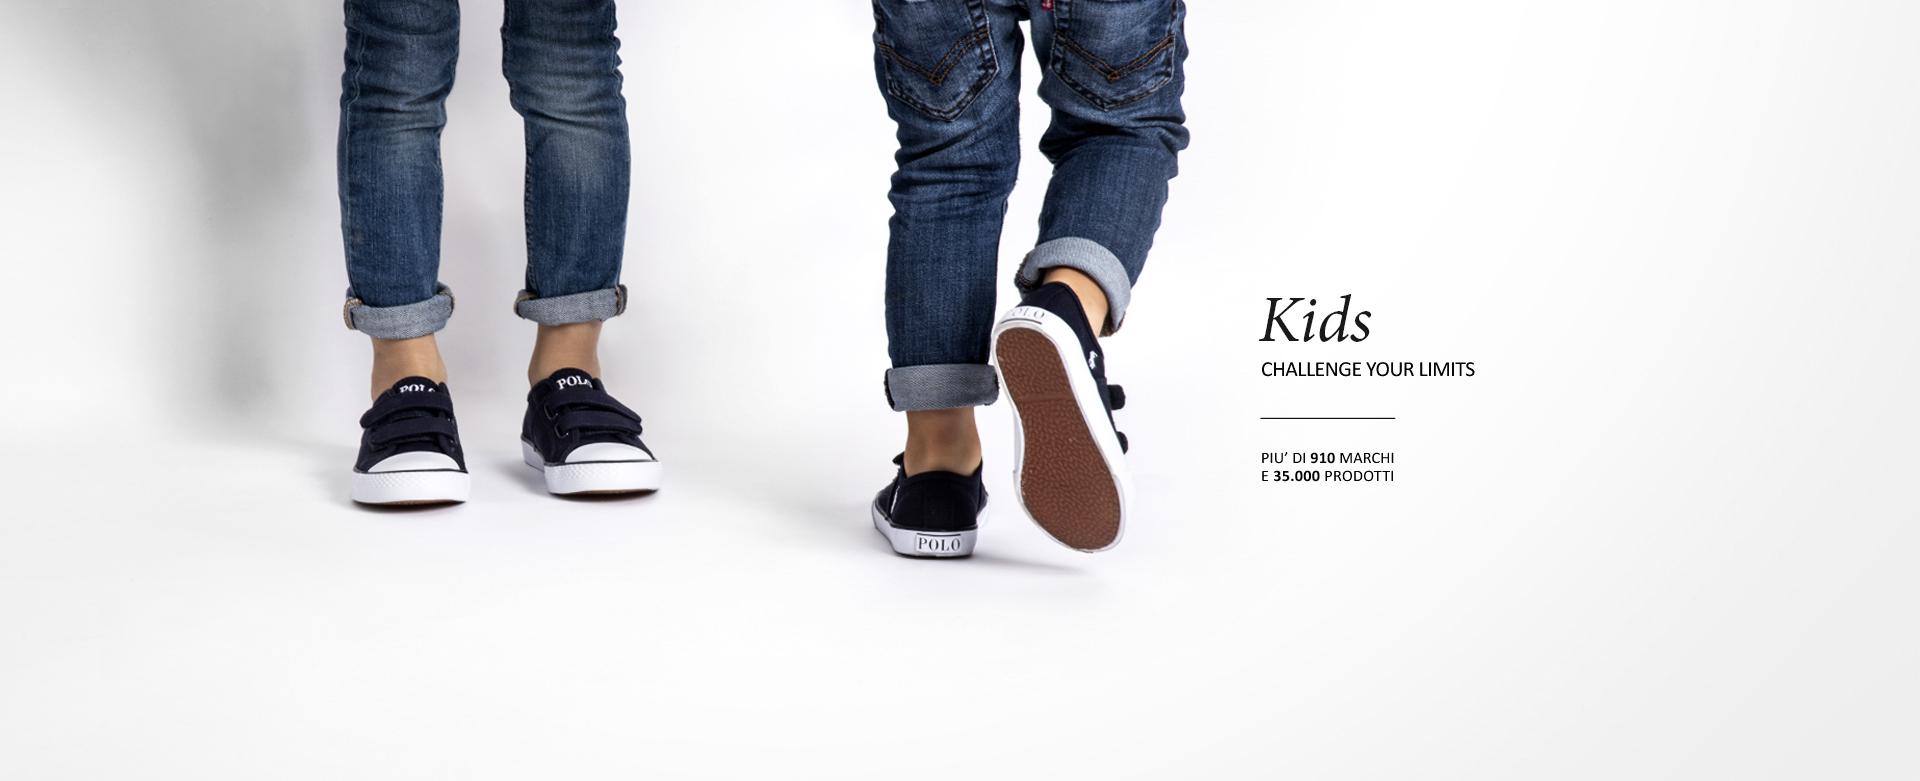 Immagine di Alice Soldi su Vans | Scarpe, Pantofole, Abiti